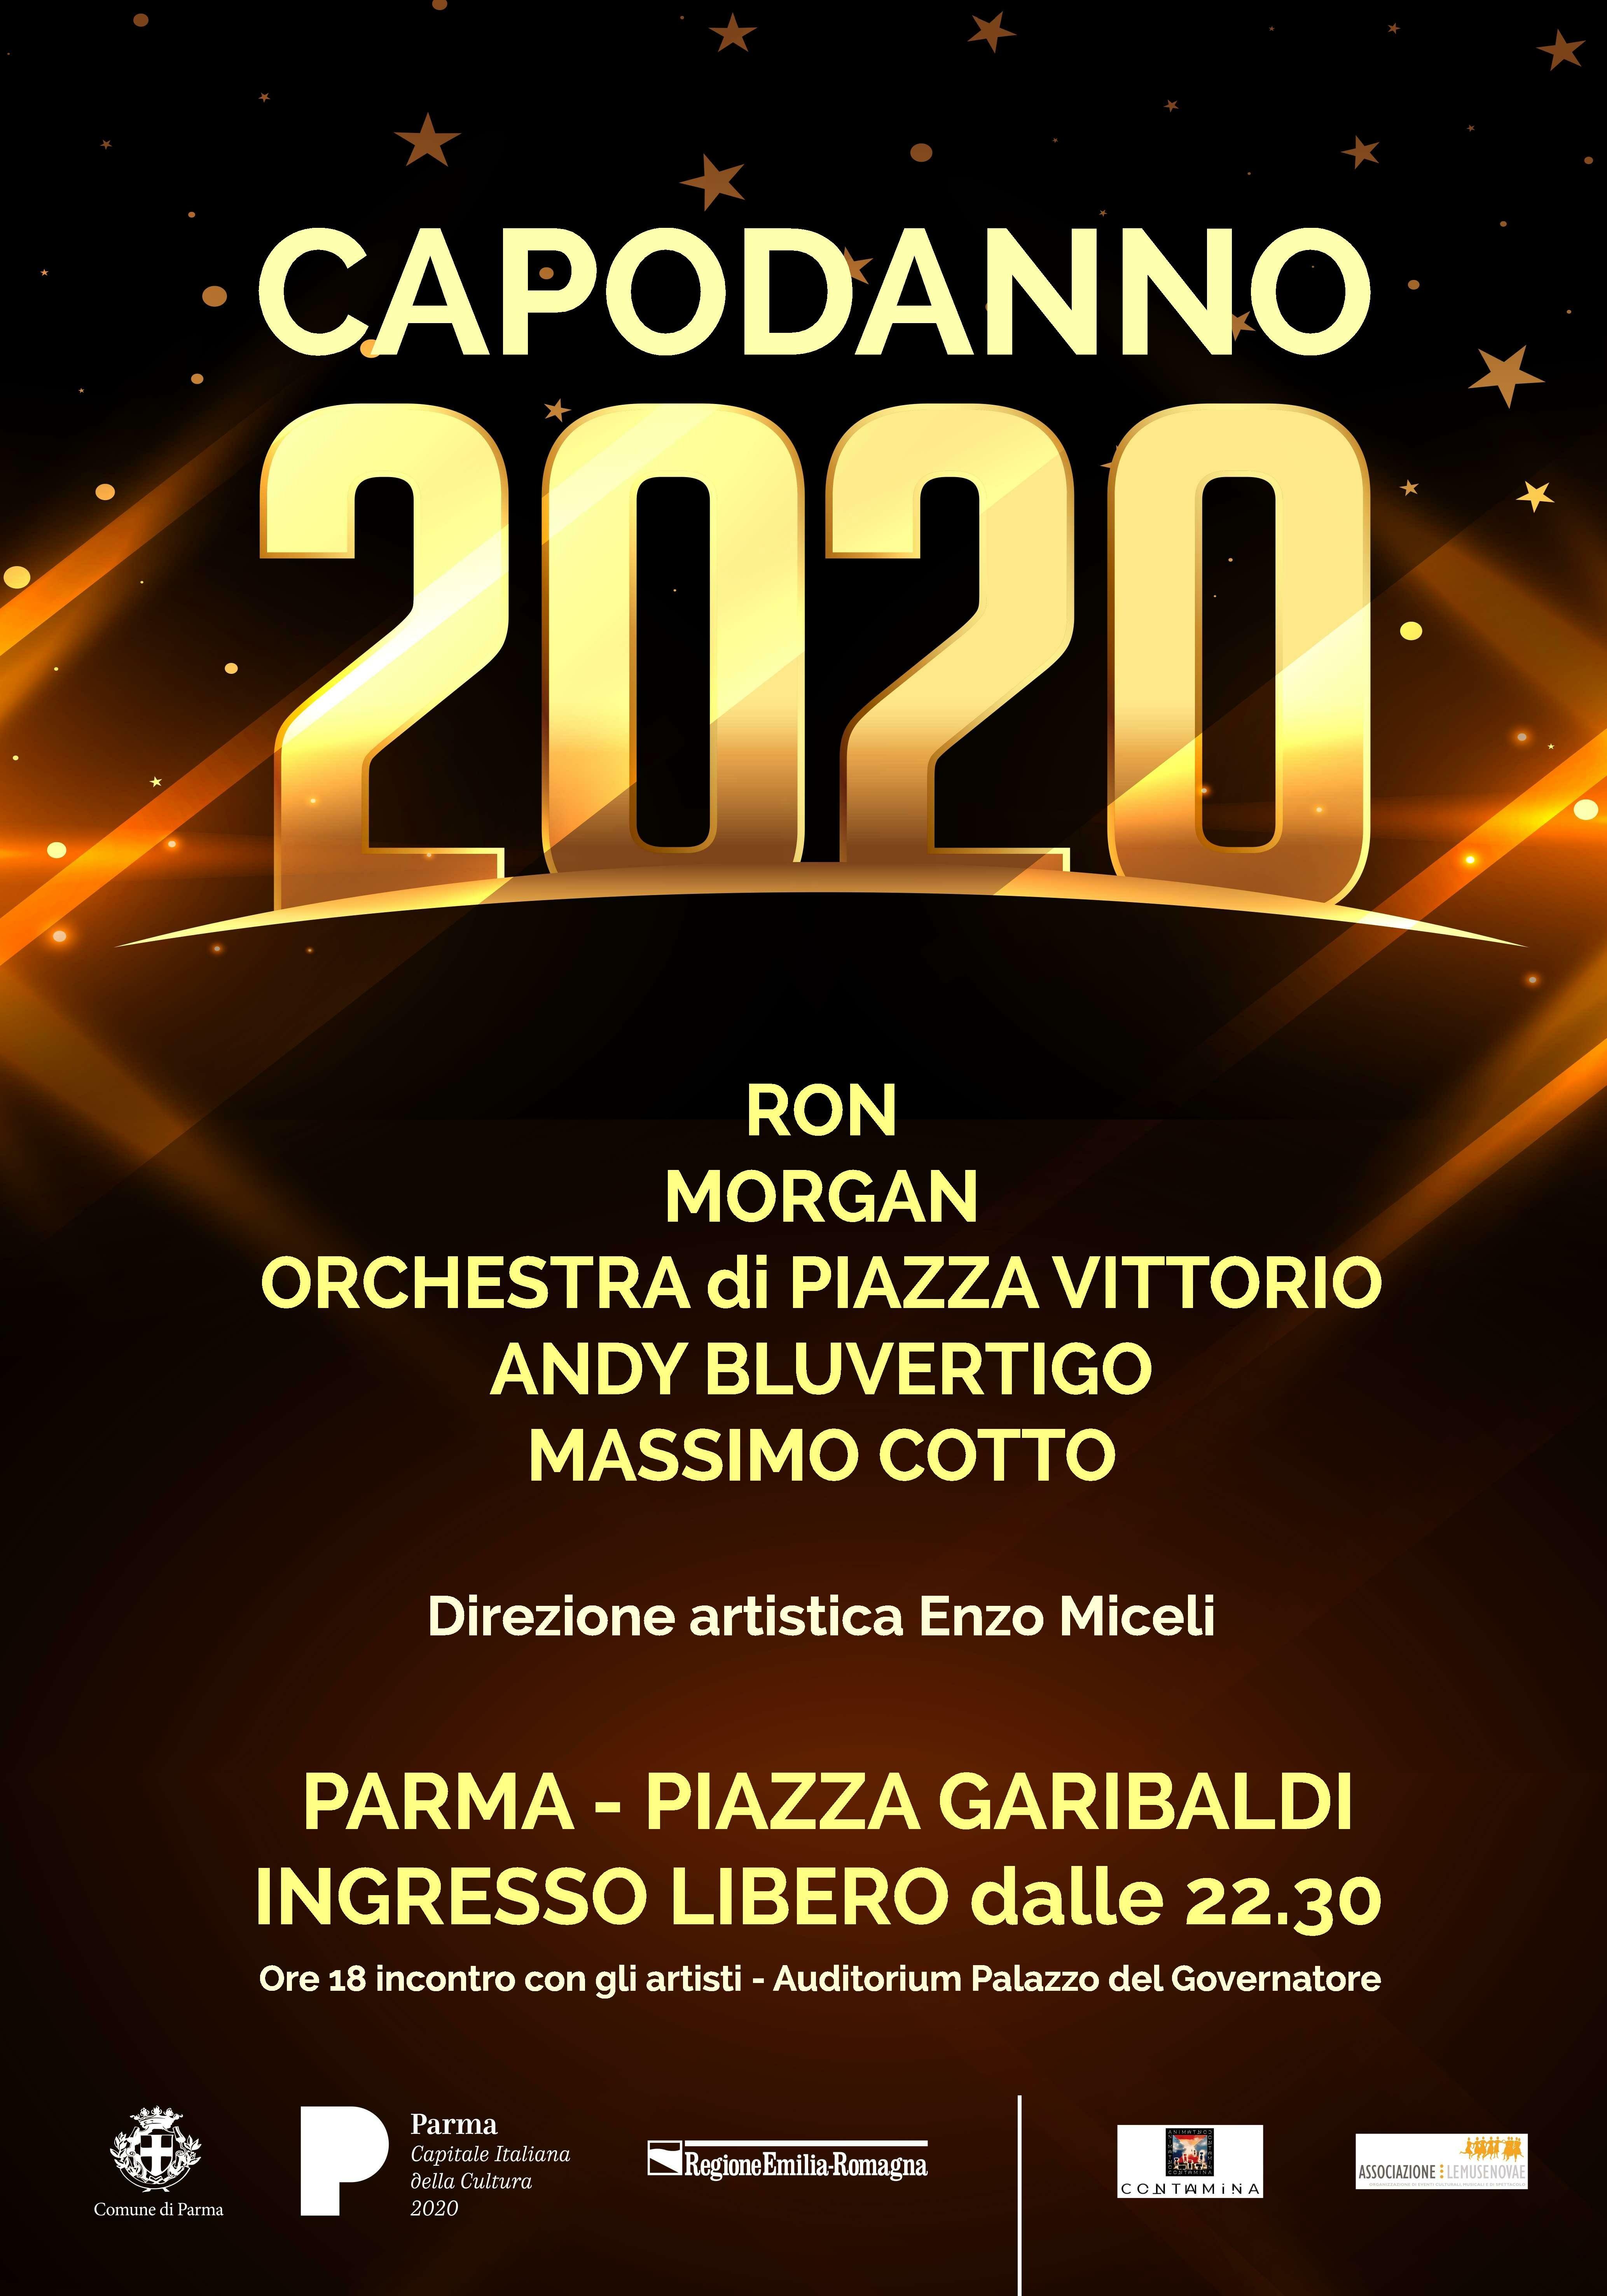 Capodanno a Parma: Ron, Morgan, Andy, l'orchestra di piazza Vittorio e Massimo Cotto per il concerto in piazza Garibaldi